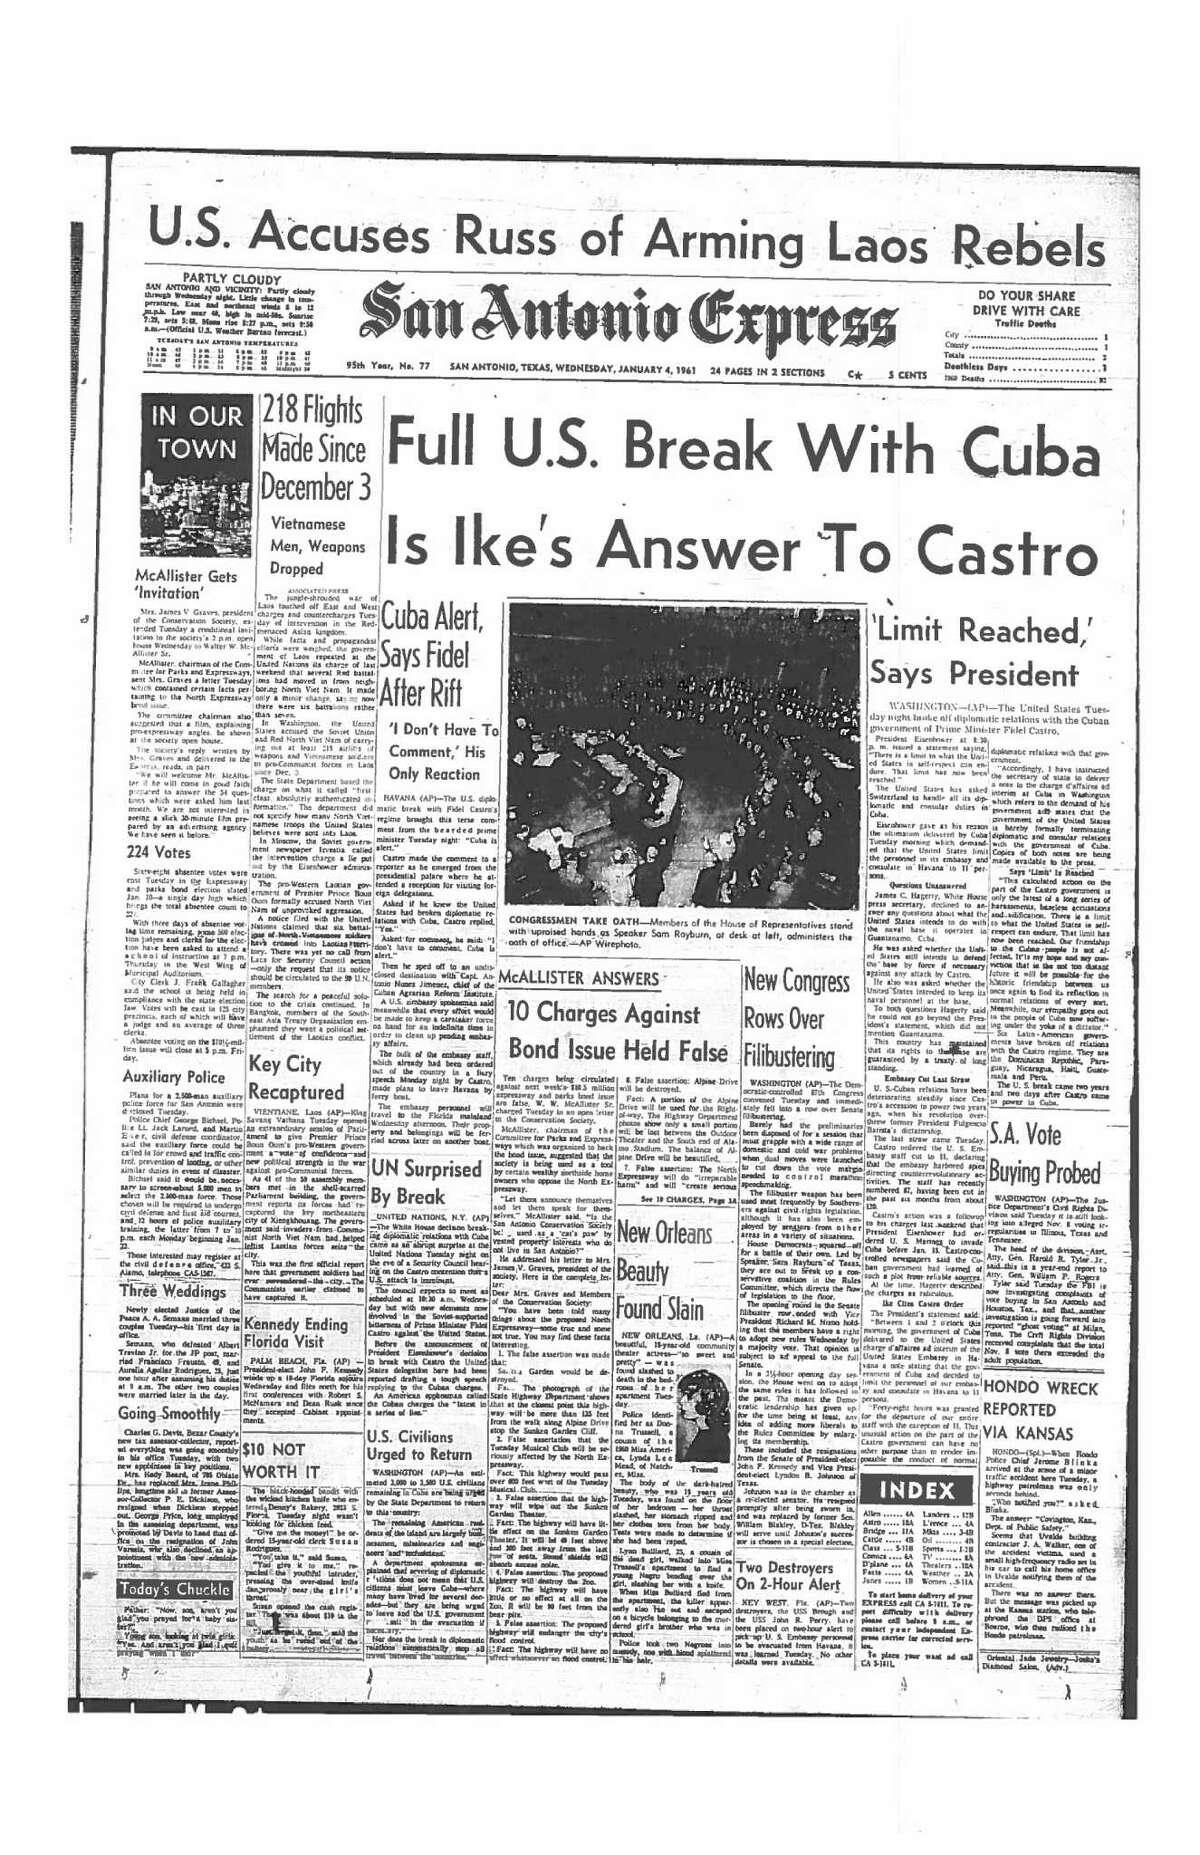 Jan. 4, 1961: Full U.S. Break With Cuba Is Ike's Answer To Castro